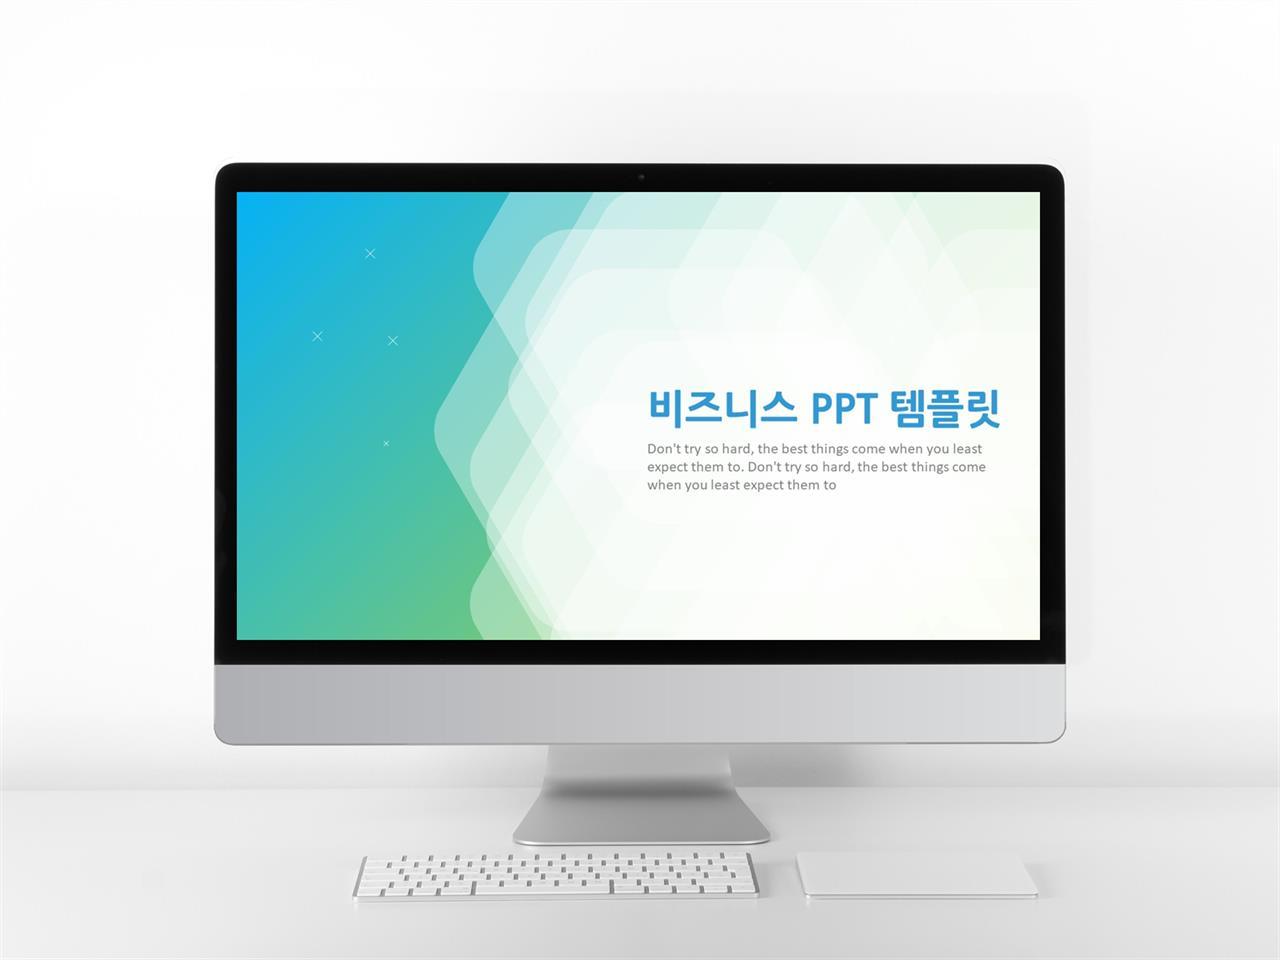 상업계획 그린색 깔끔한 고급스럽운 PPT양식 사이트 미리보기